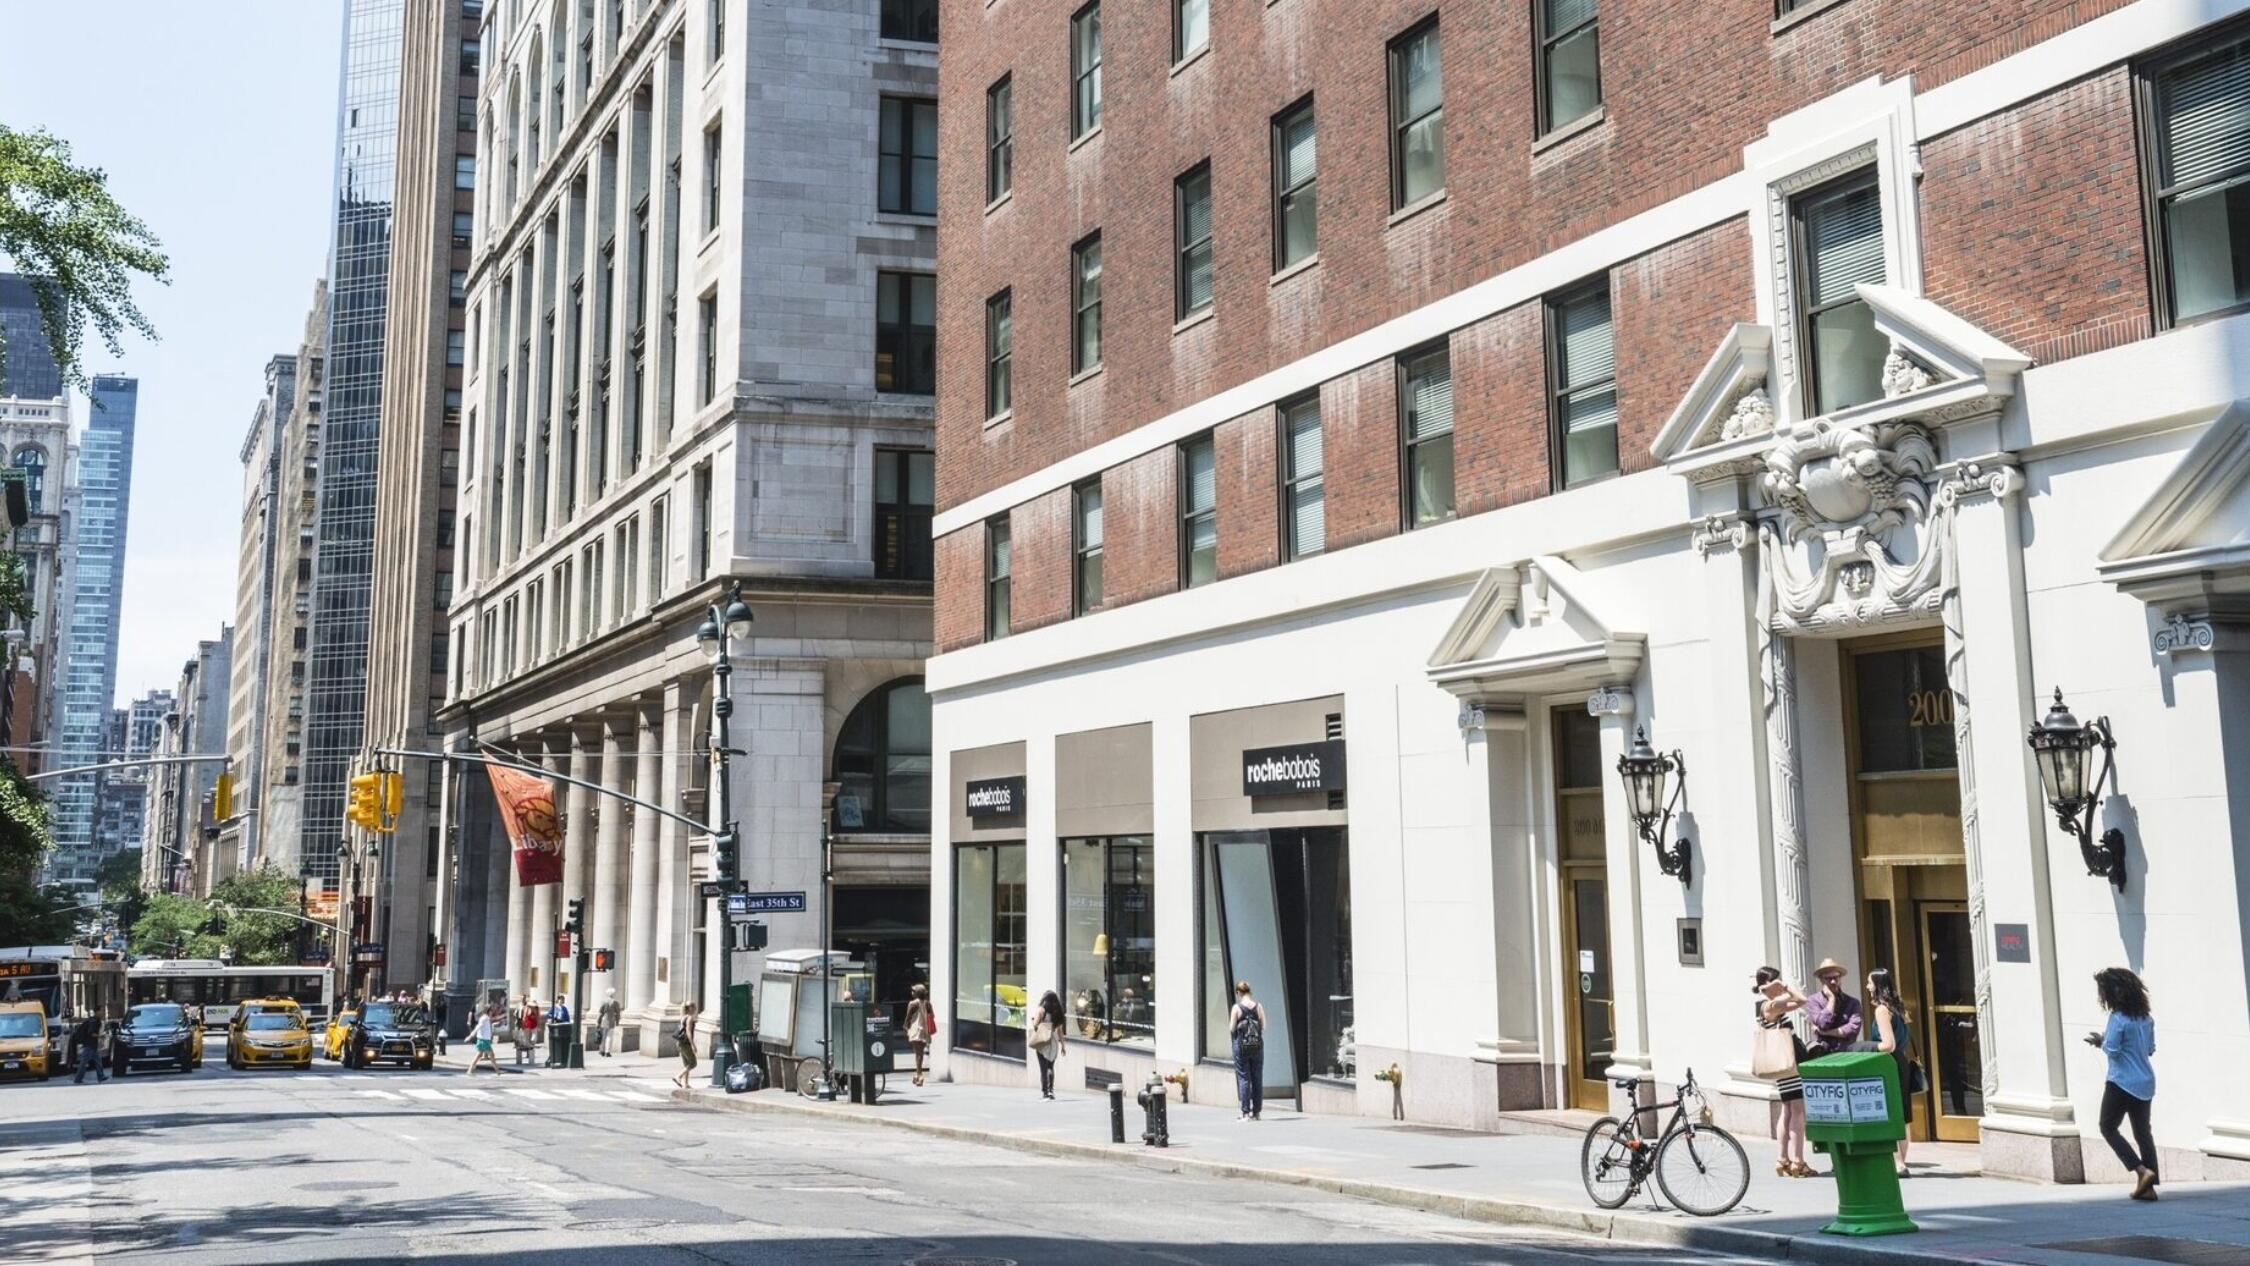 200 Madison exterior with pedestrians on sidewalk